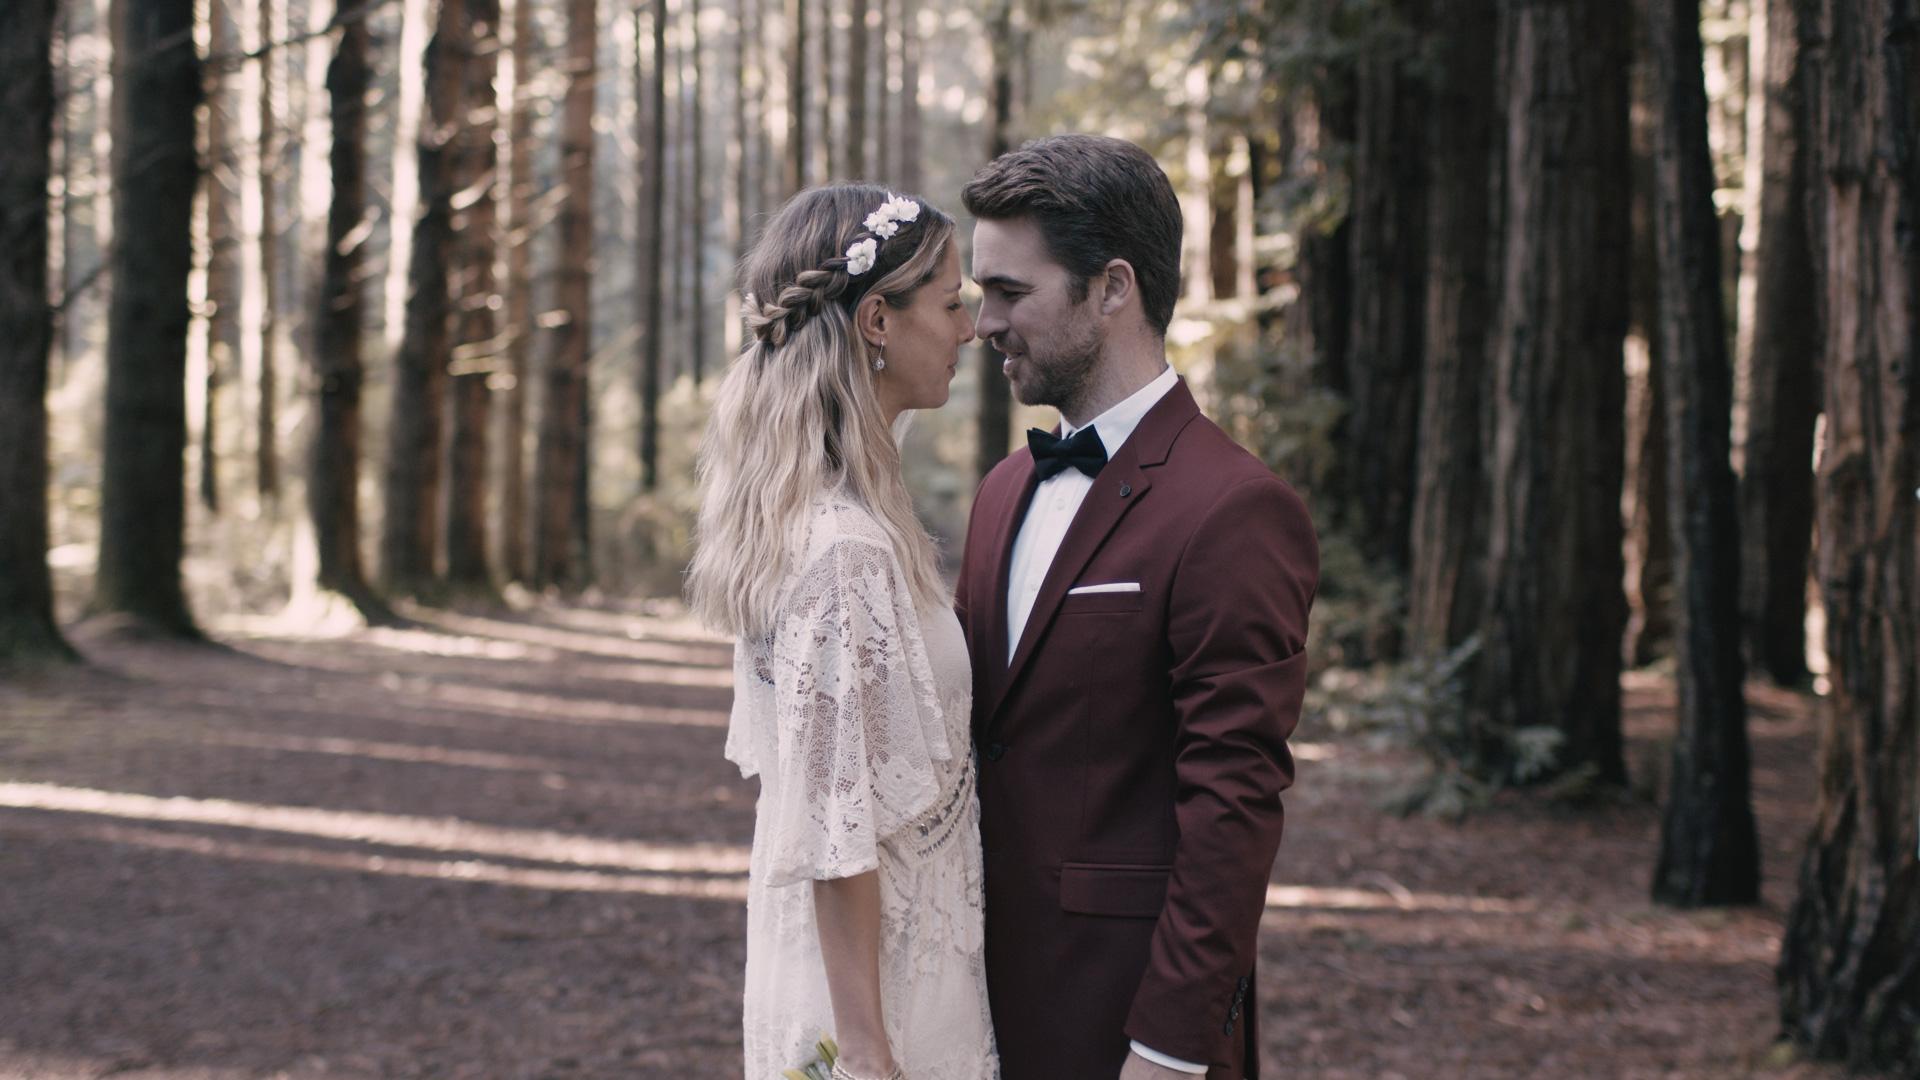 consigli sulla datazione di un uomo sposato separato